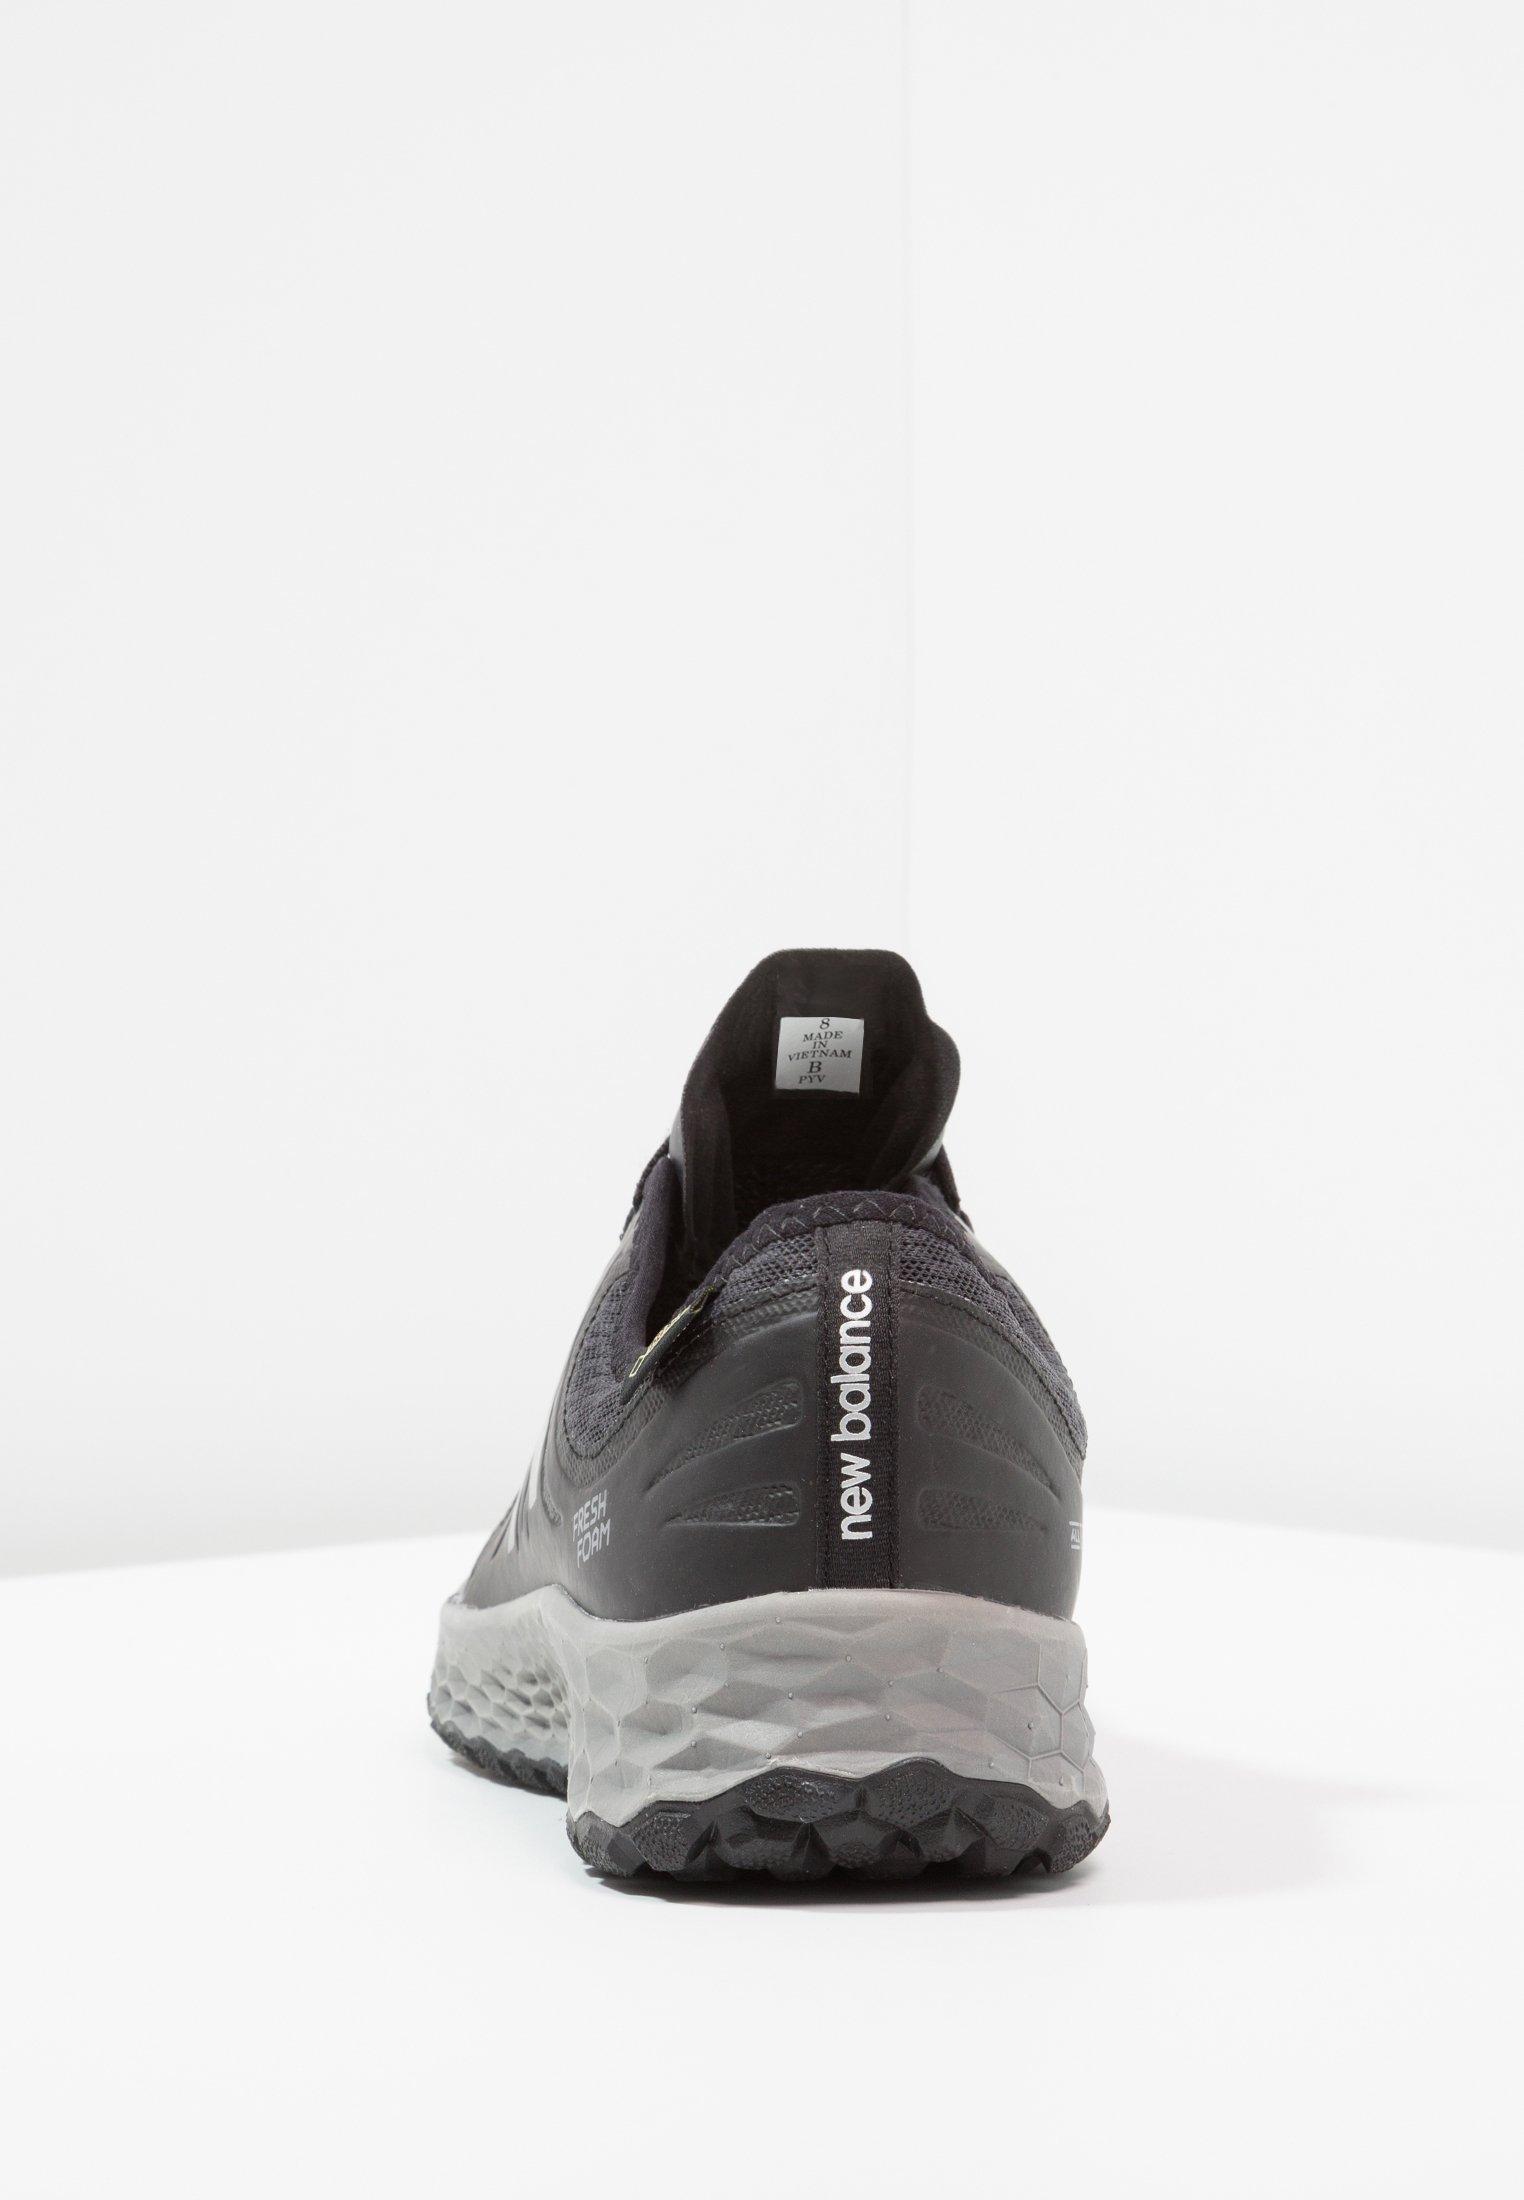 KAYMIN Chaussures de running blackgrey